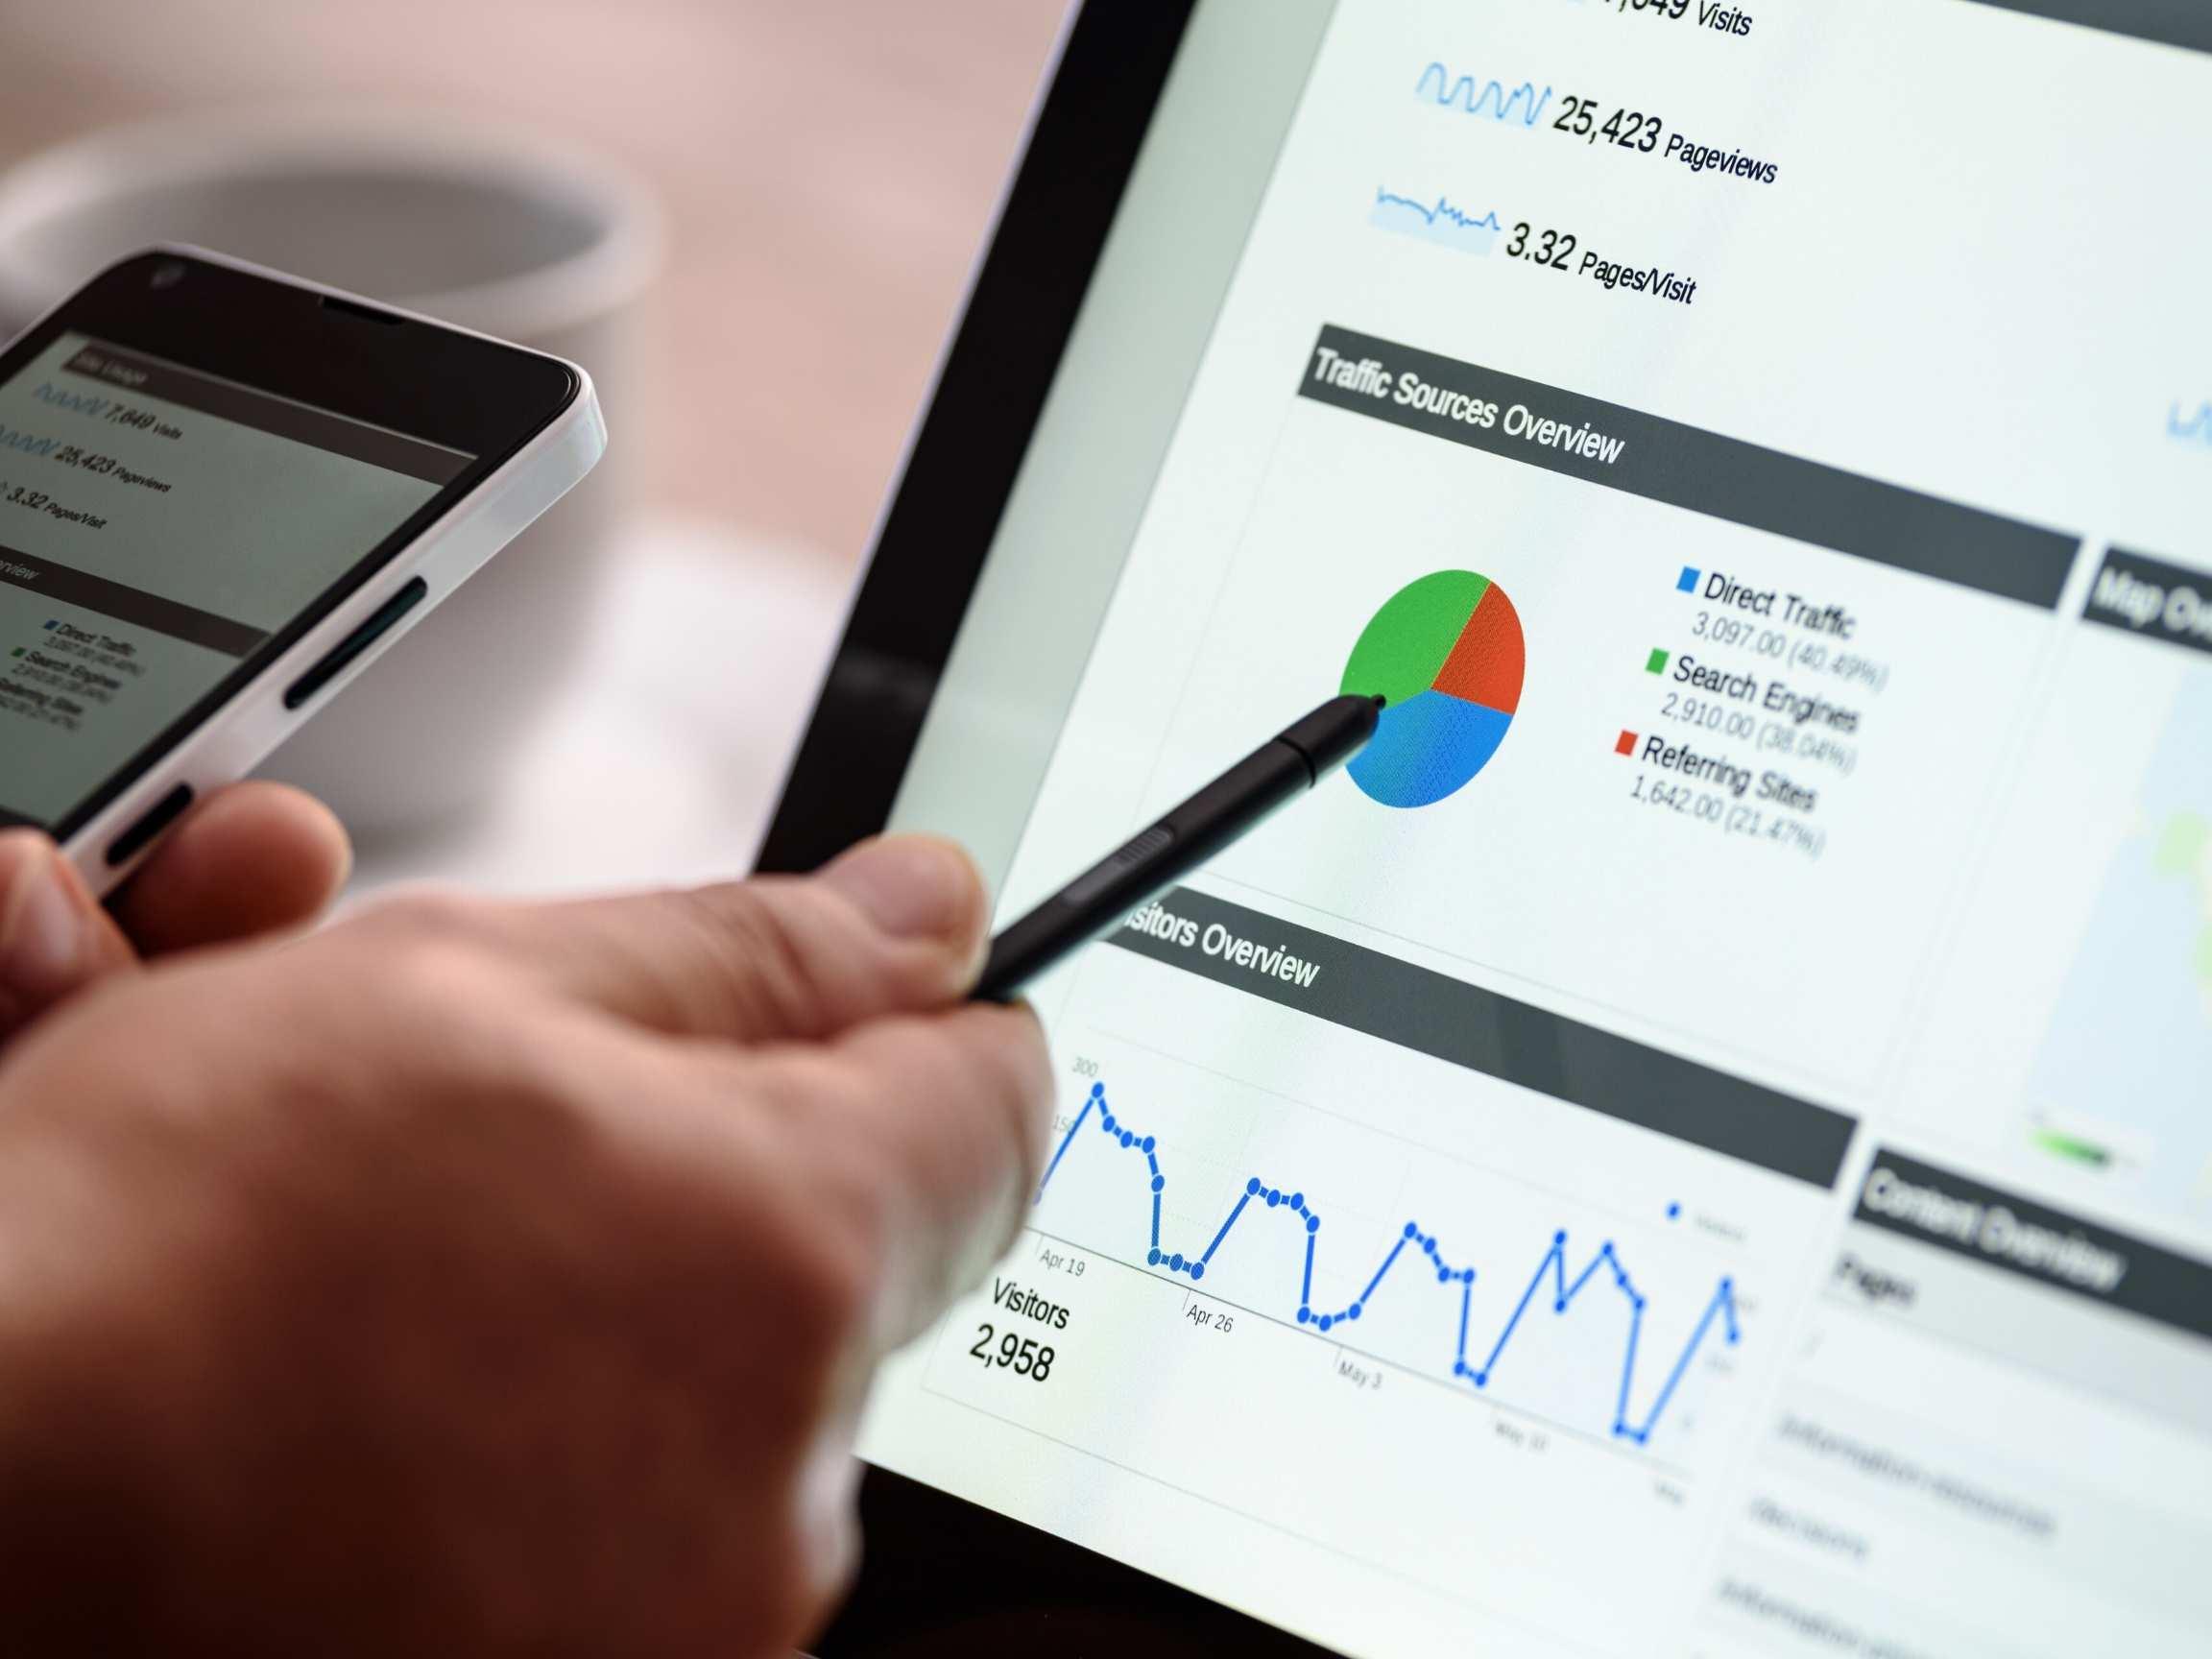 Top 10 Websites in India - 2019 October